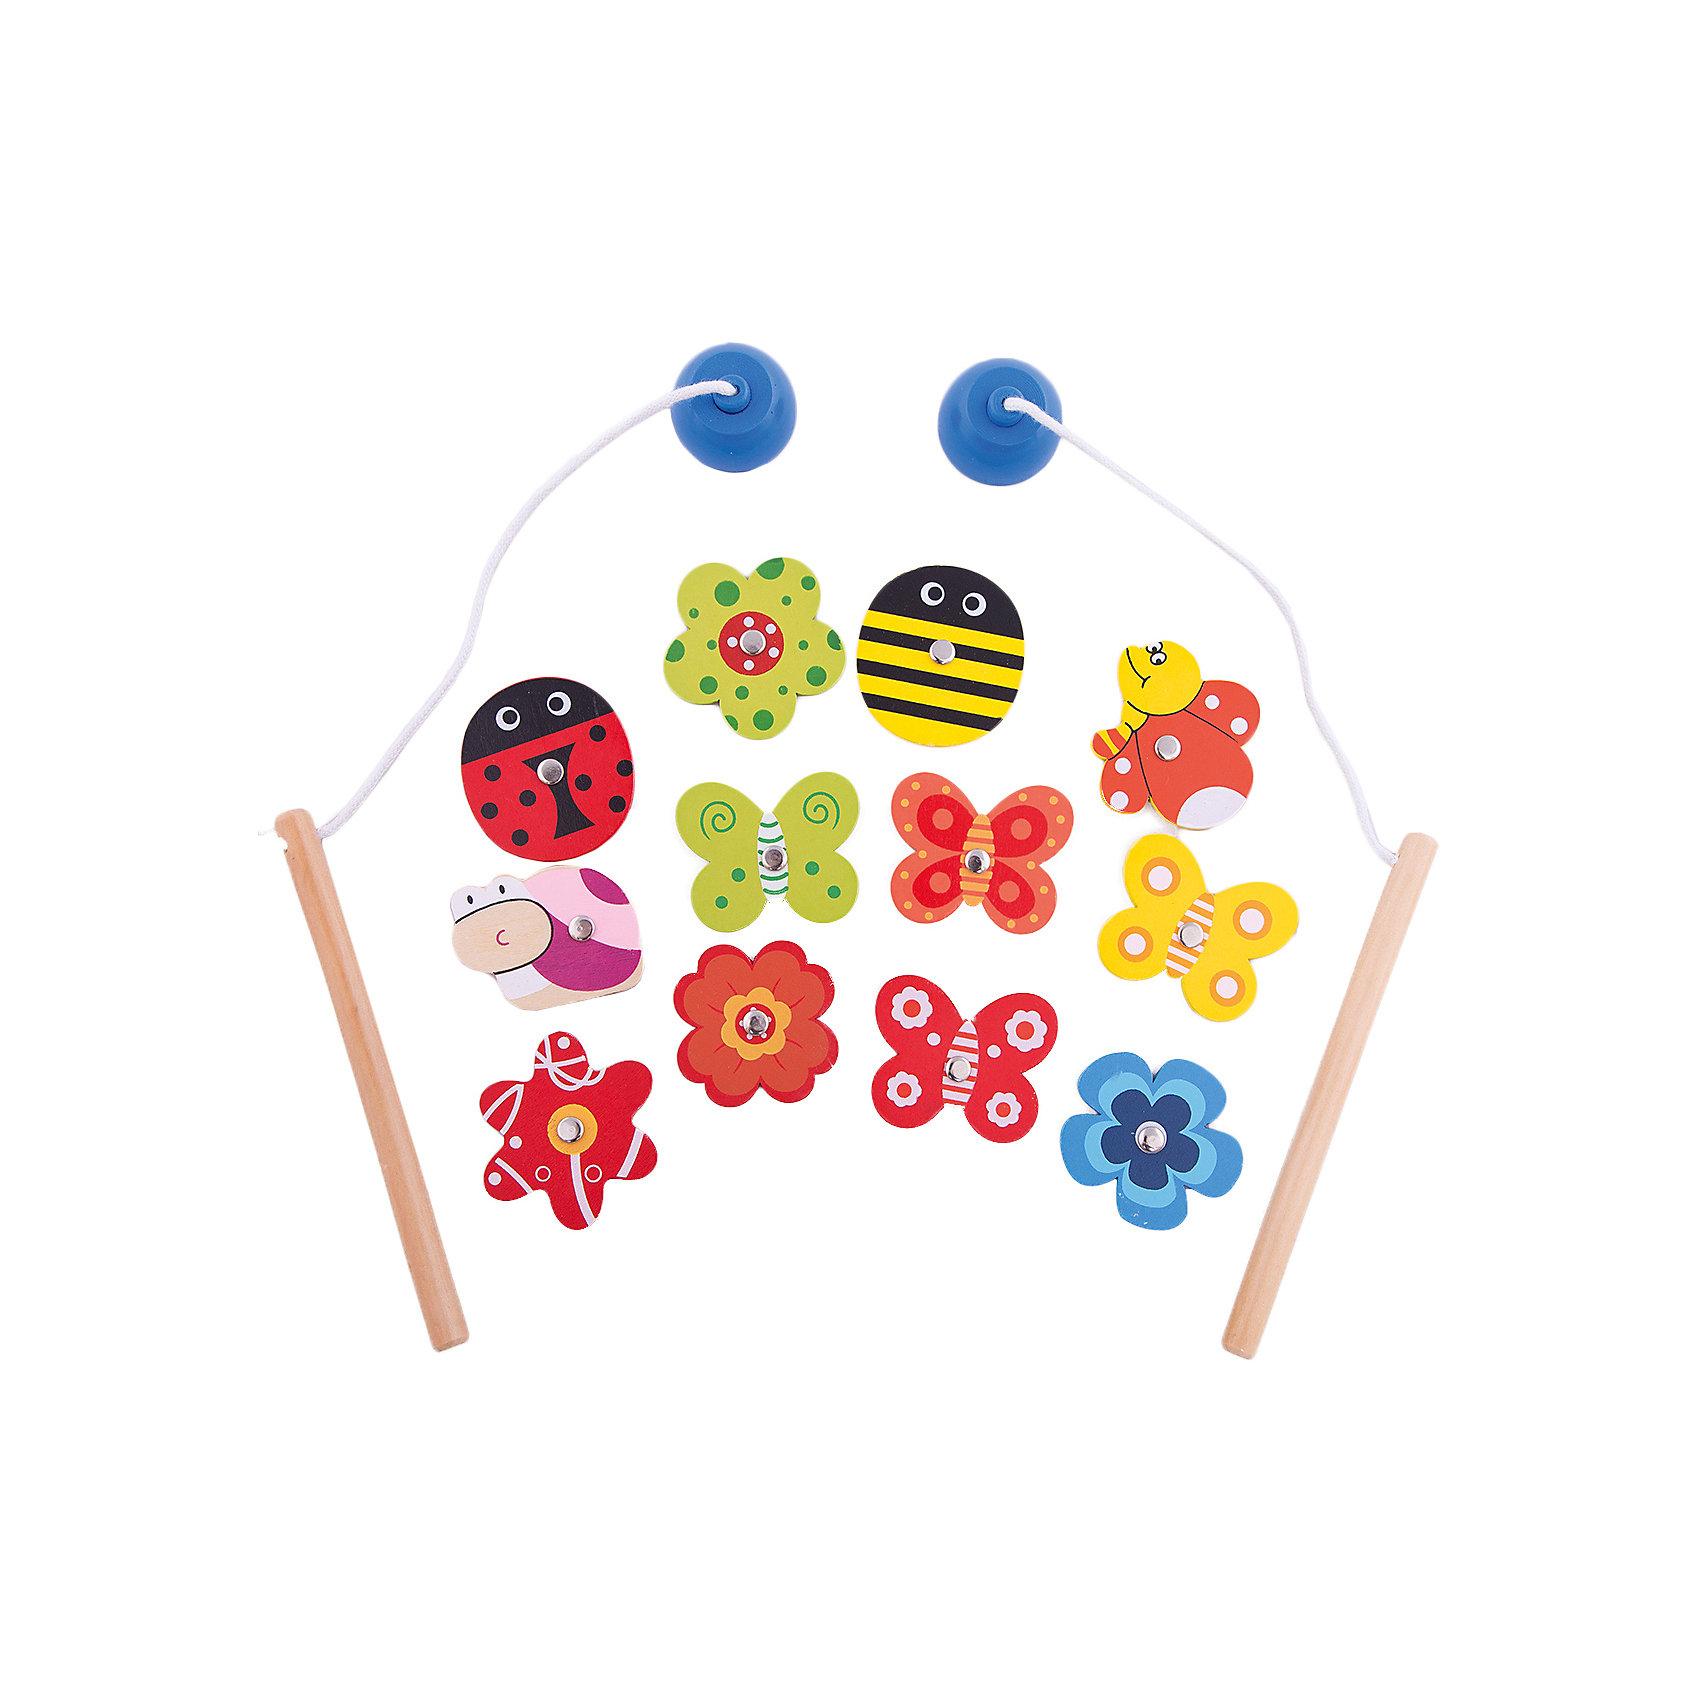 Развивающая игрушка Ловим бабочек, MapachaРазвивающие игрушки<br><br><br>Ширина мм: 160<br>Глубина мм: 20<br>Высота мм: 165<br>Вес г: 98<br>Возраст от месяцев: 36<br>Возраст до месяцев: 2147483647<br>Пол: Унисекс<br>Возраст: Детский<br>SKU: 6846904